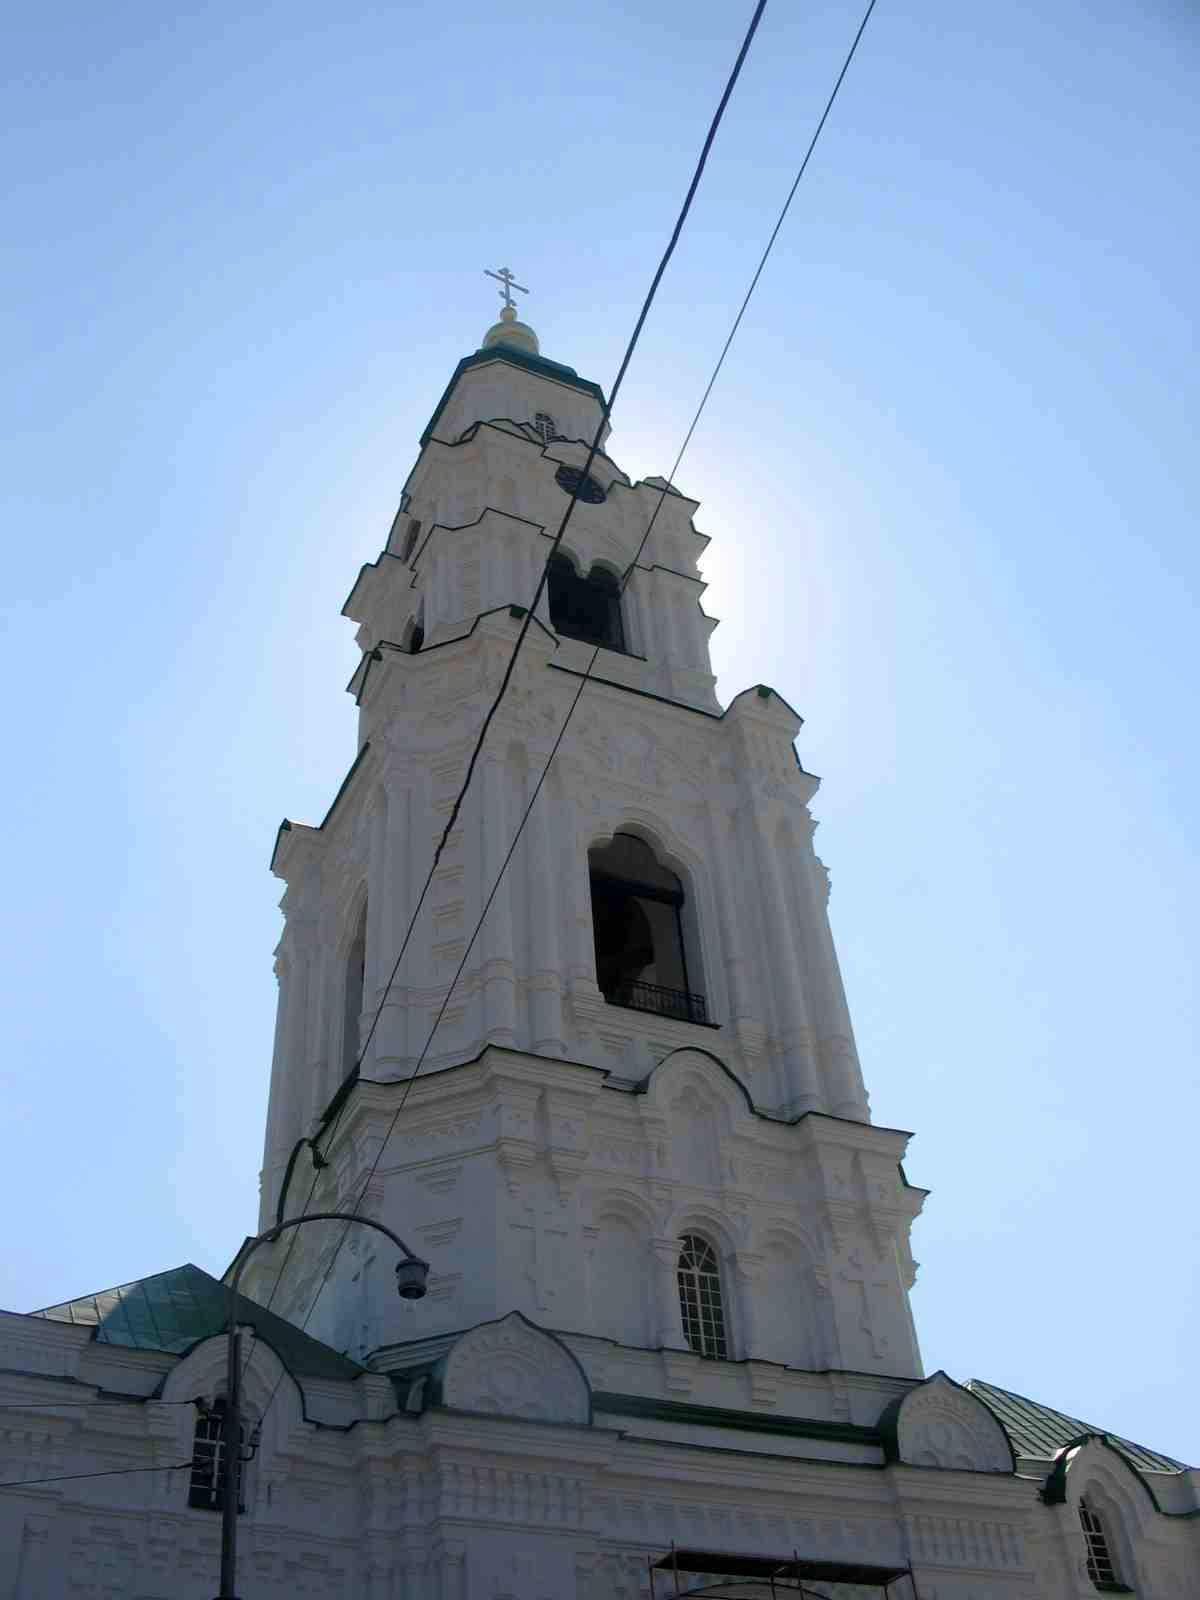 Соборная колокольня с Пречистенскими воротами. Город Астрахань, Кремль.